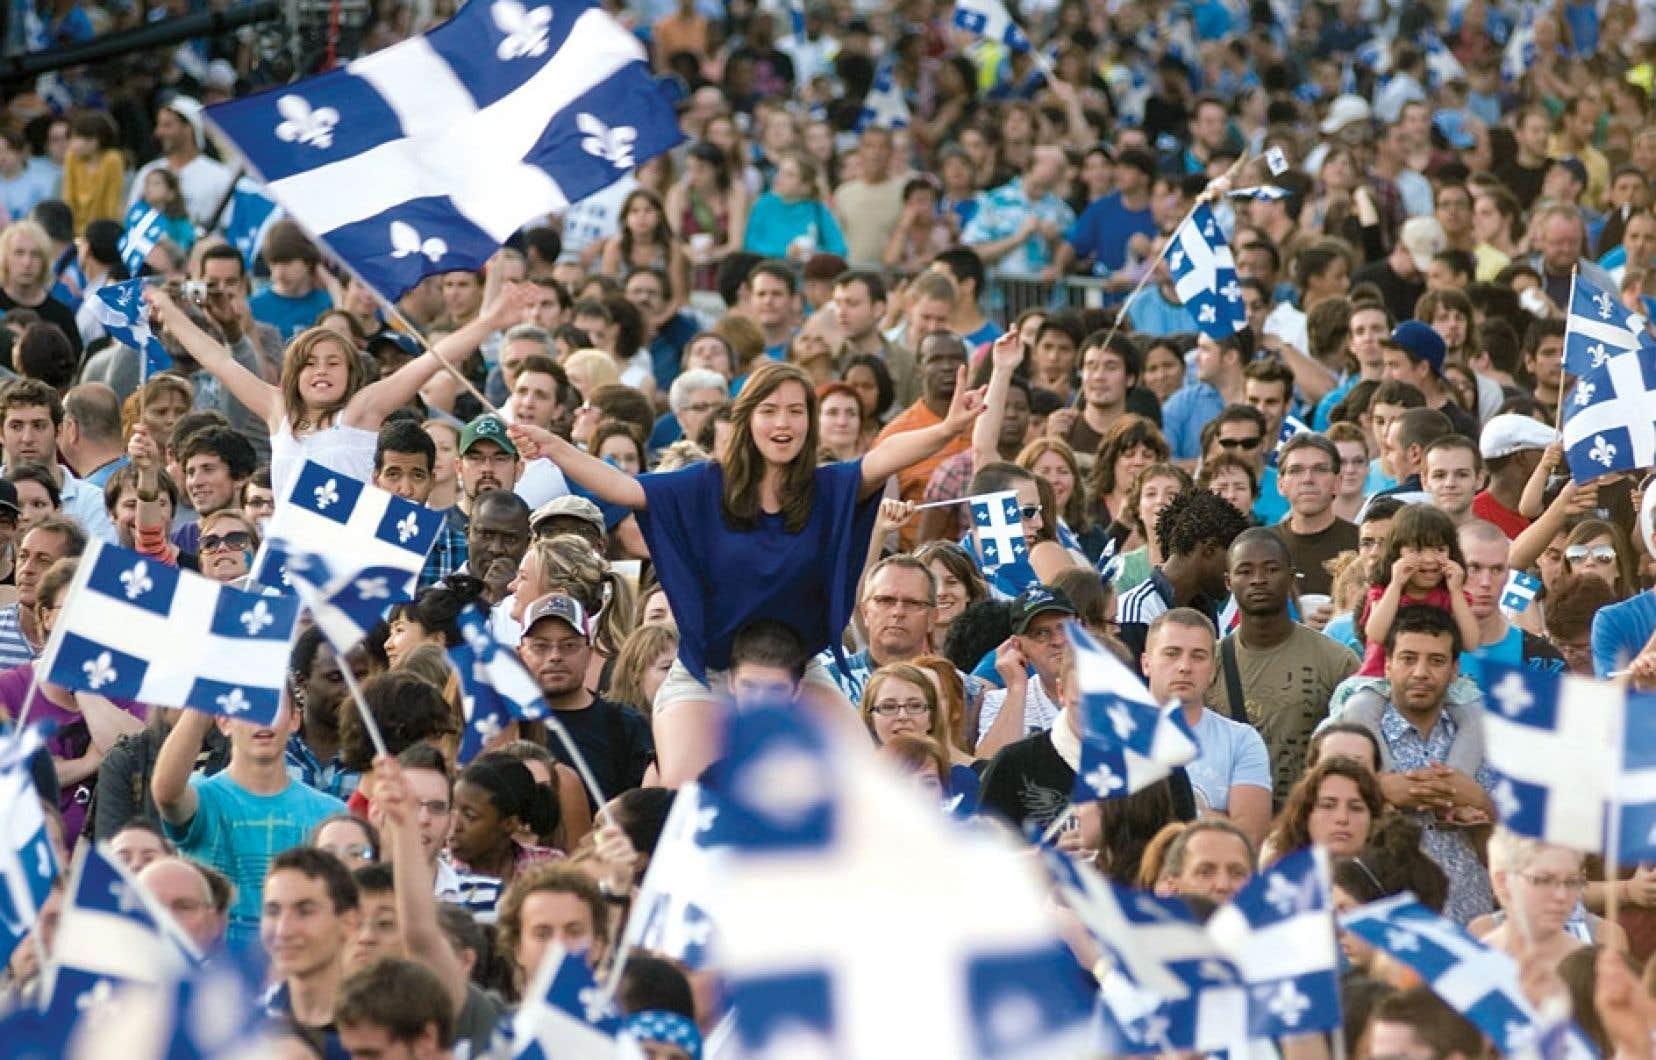 La nation québécoise arrive à la croisée des chemins relativement à la question de son existence. Le temps n'est donc plus aux tergiversations idéologiques, aux utopies compensatoires, qu'elles soient de gauche ou de droite.